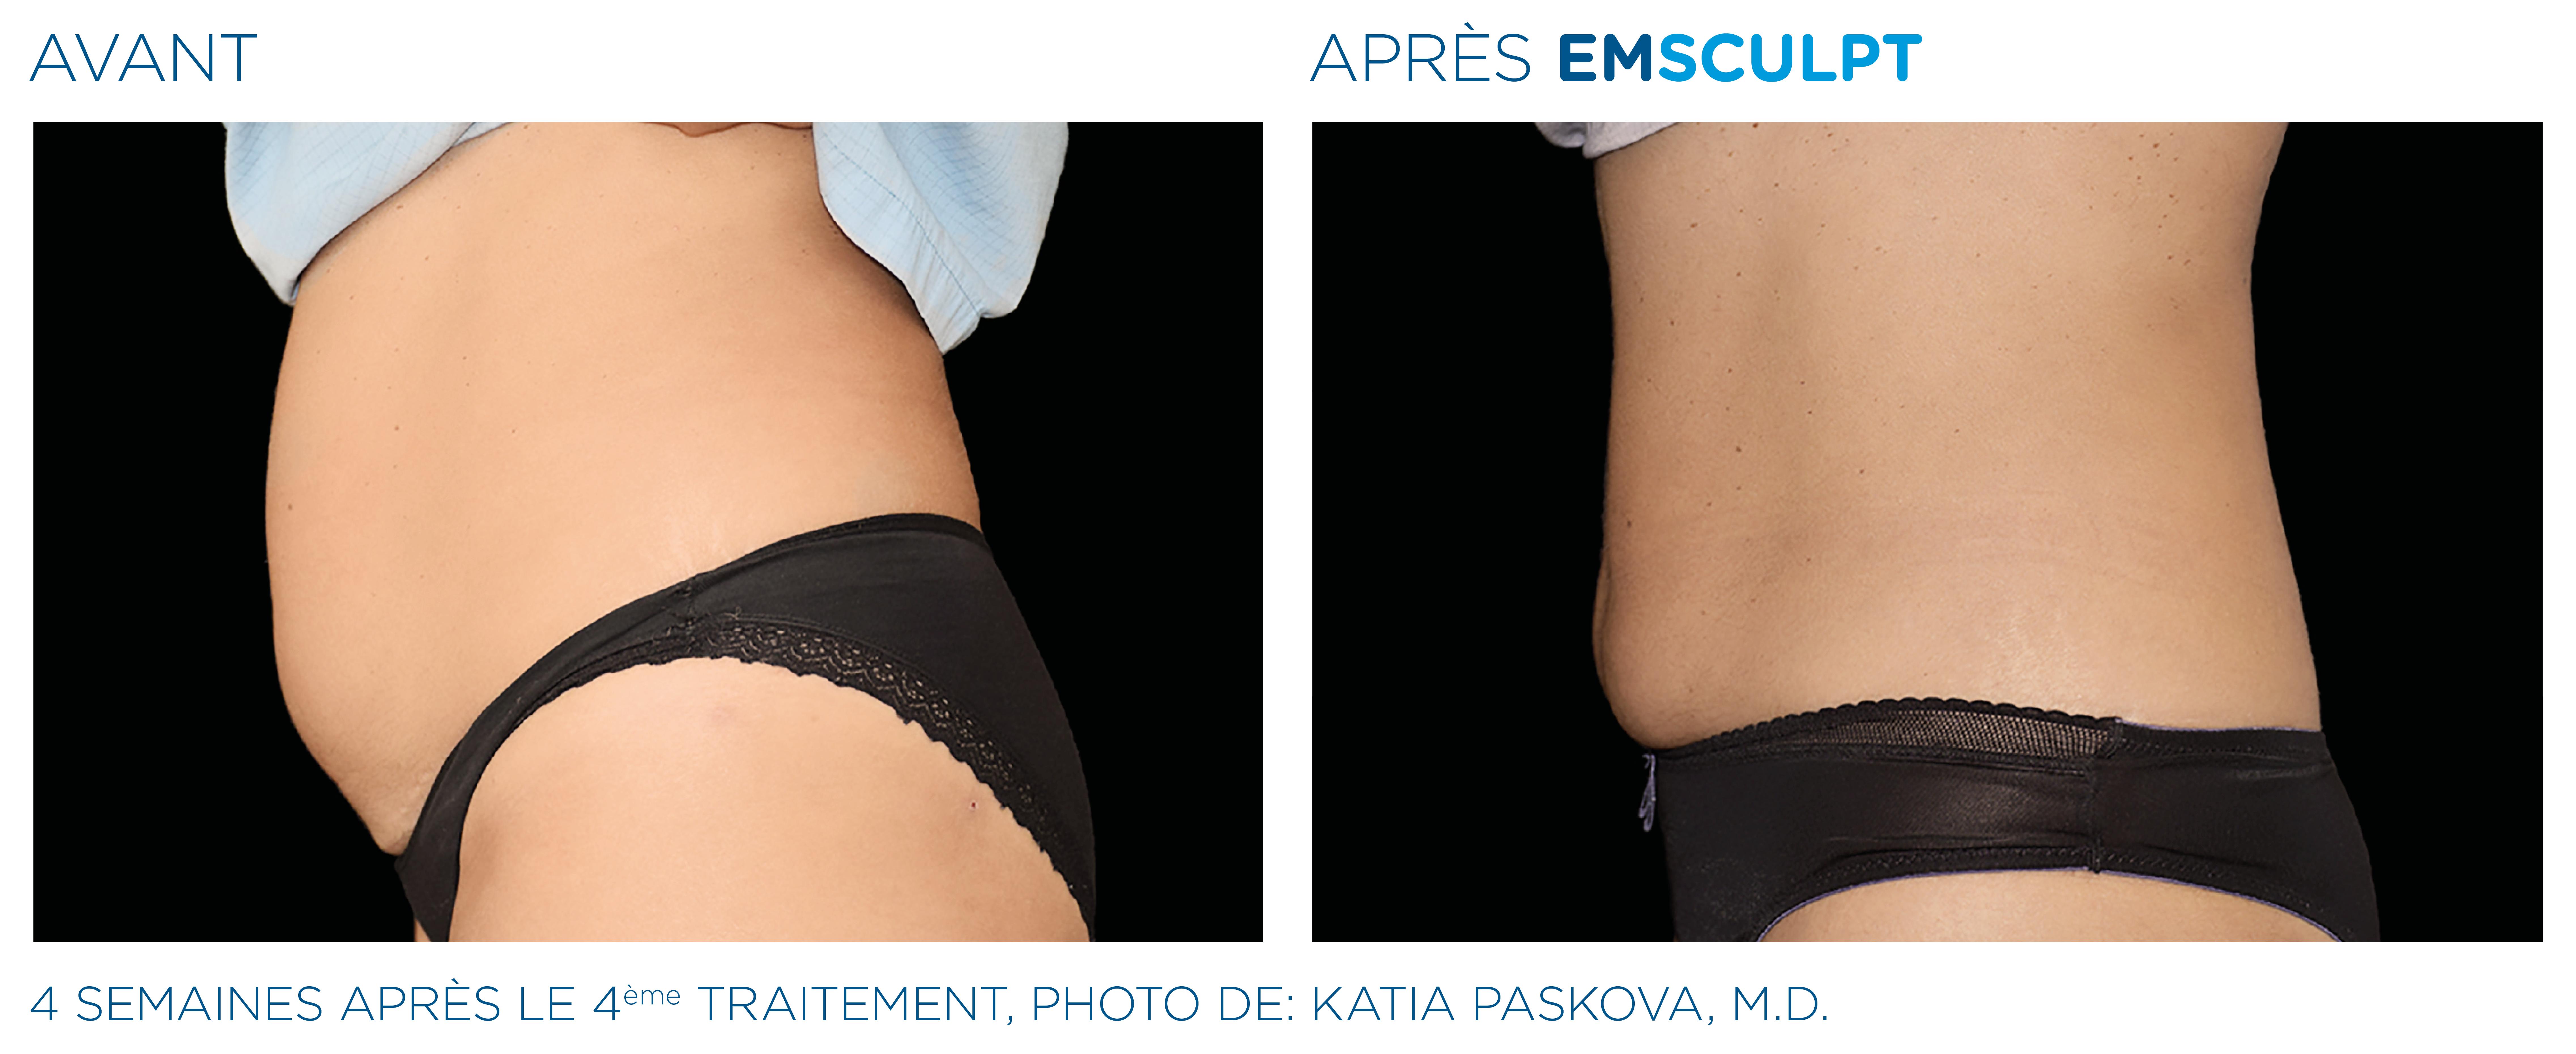 éliminer la cellulite de l'abdomen